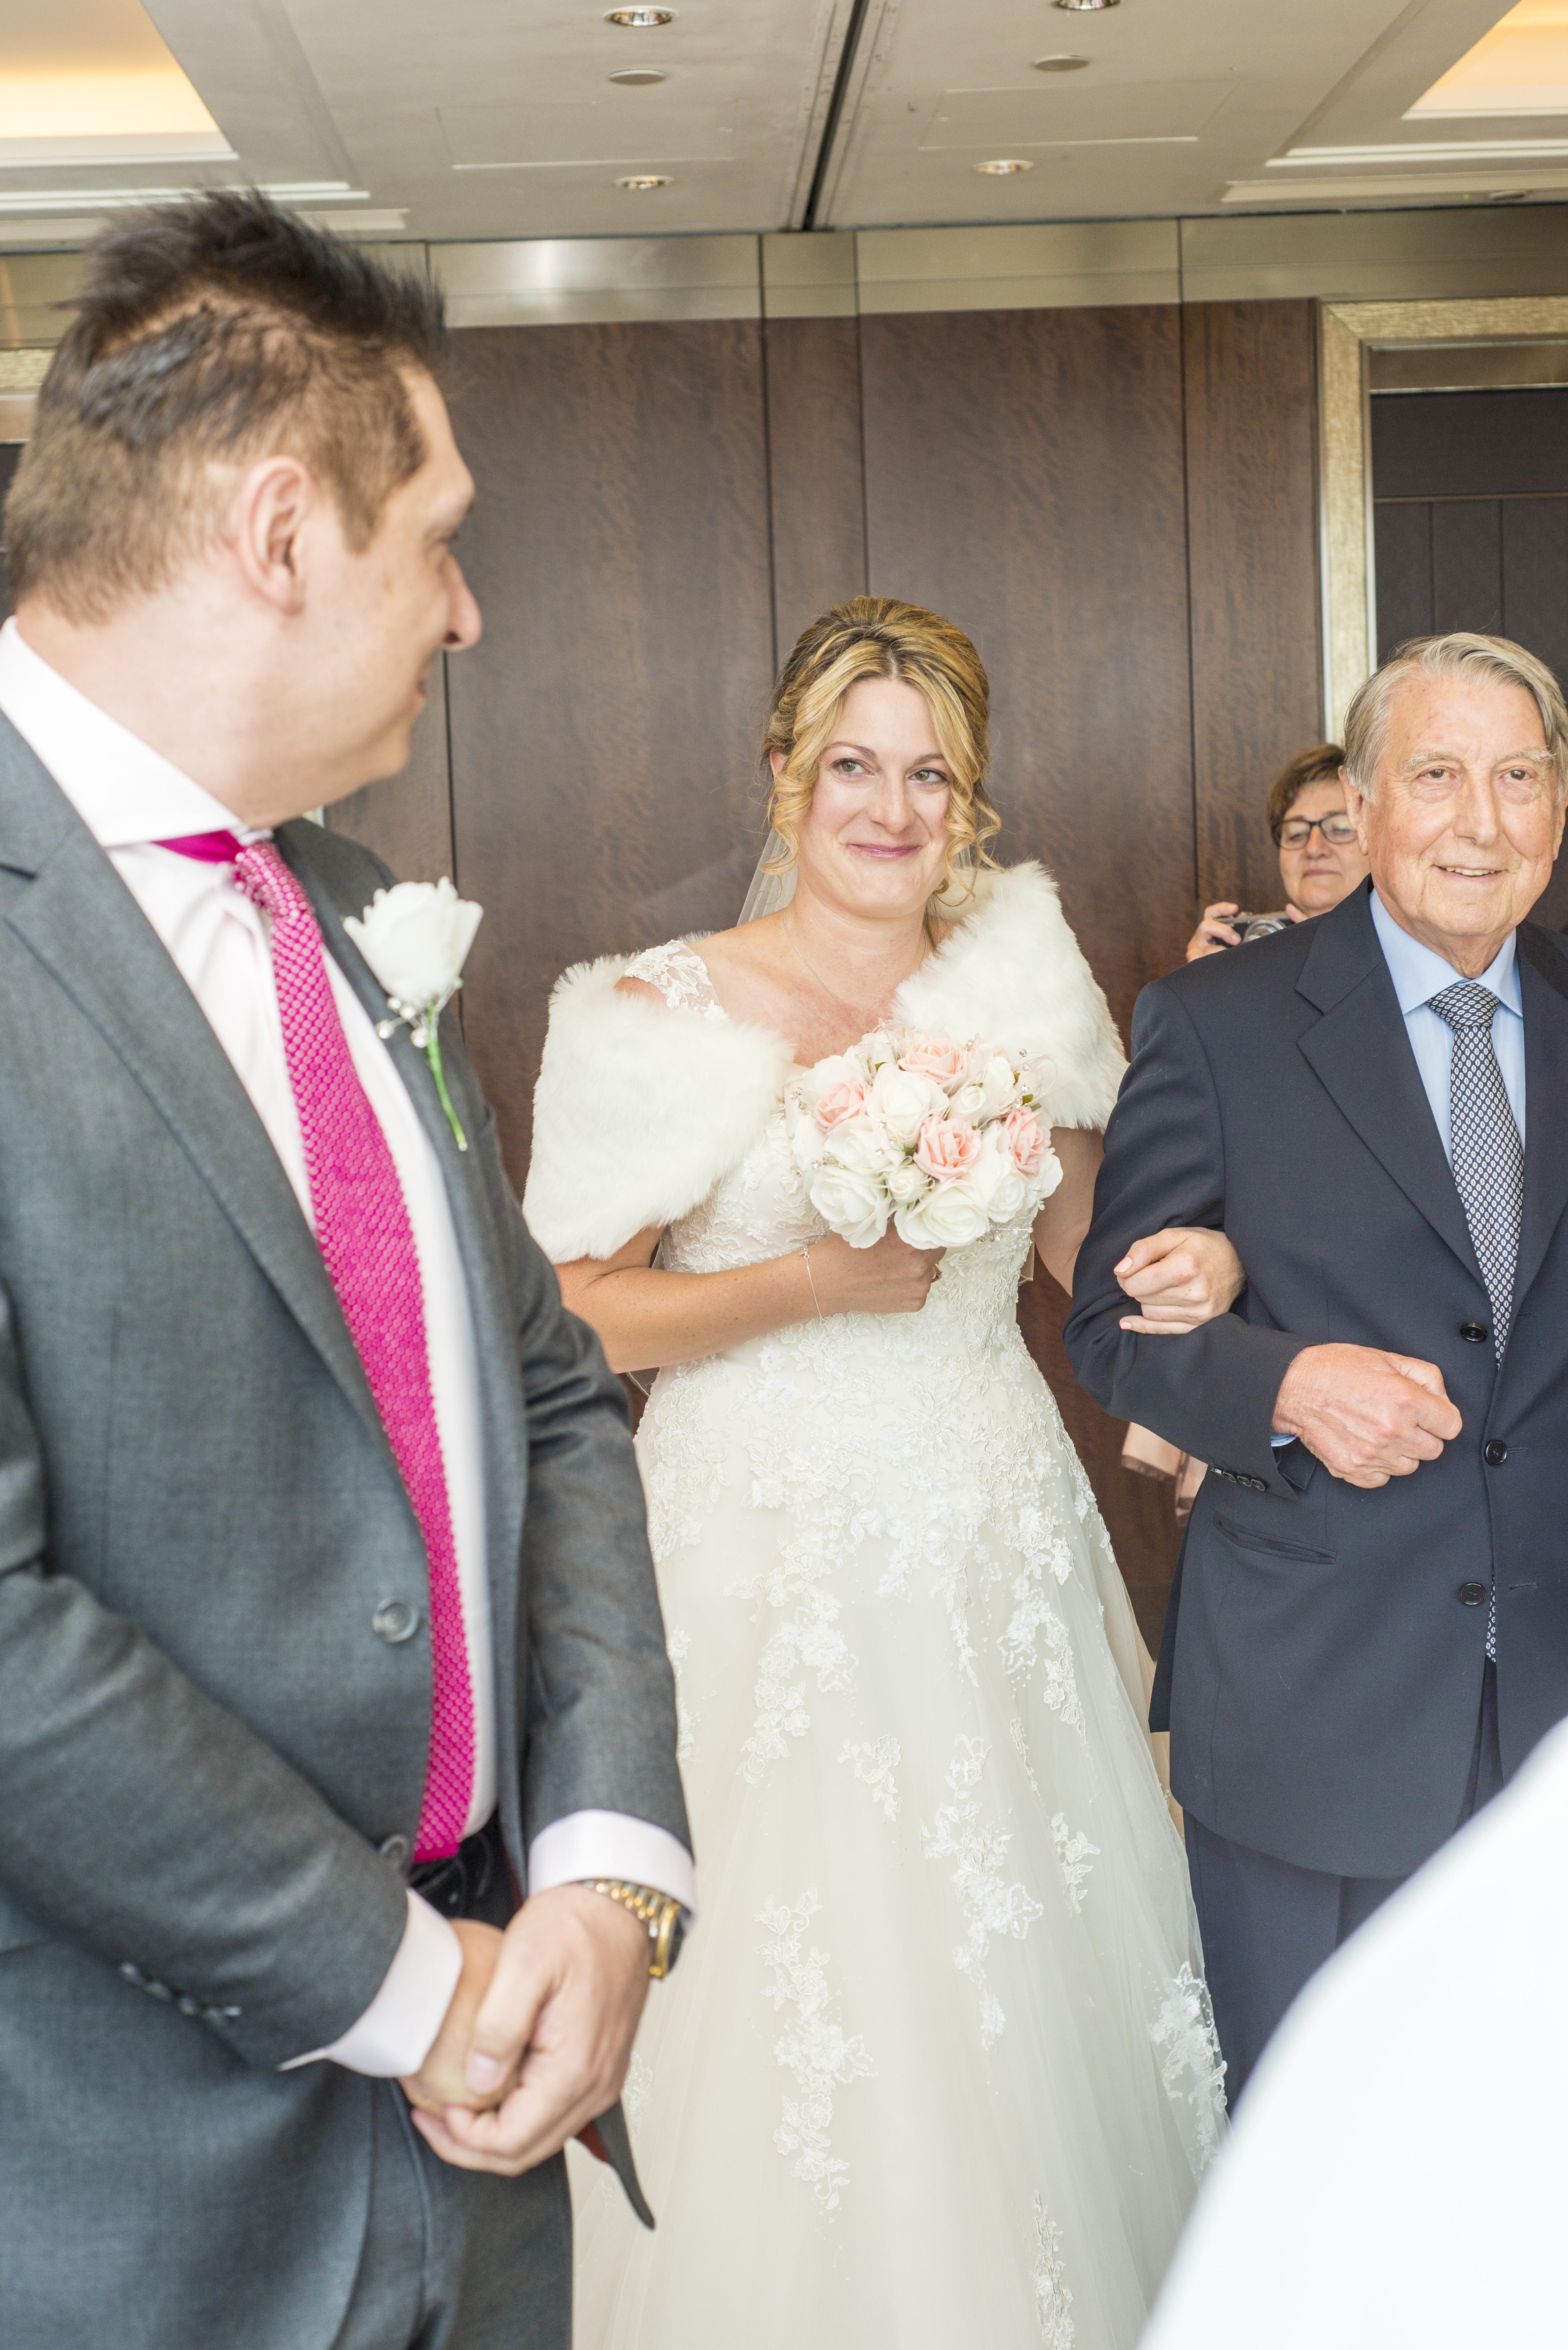 Chiara and Chengez's Wedding (89 of 240)